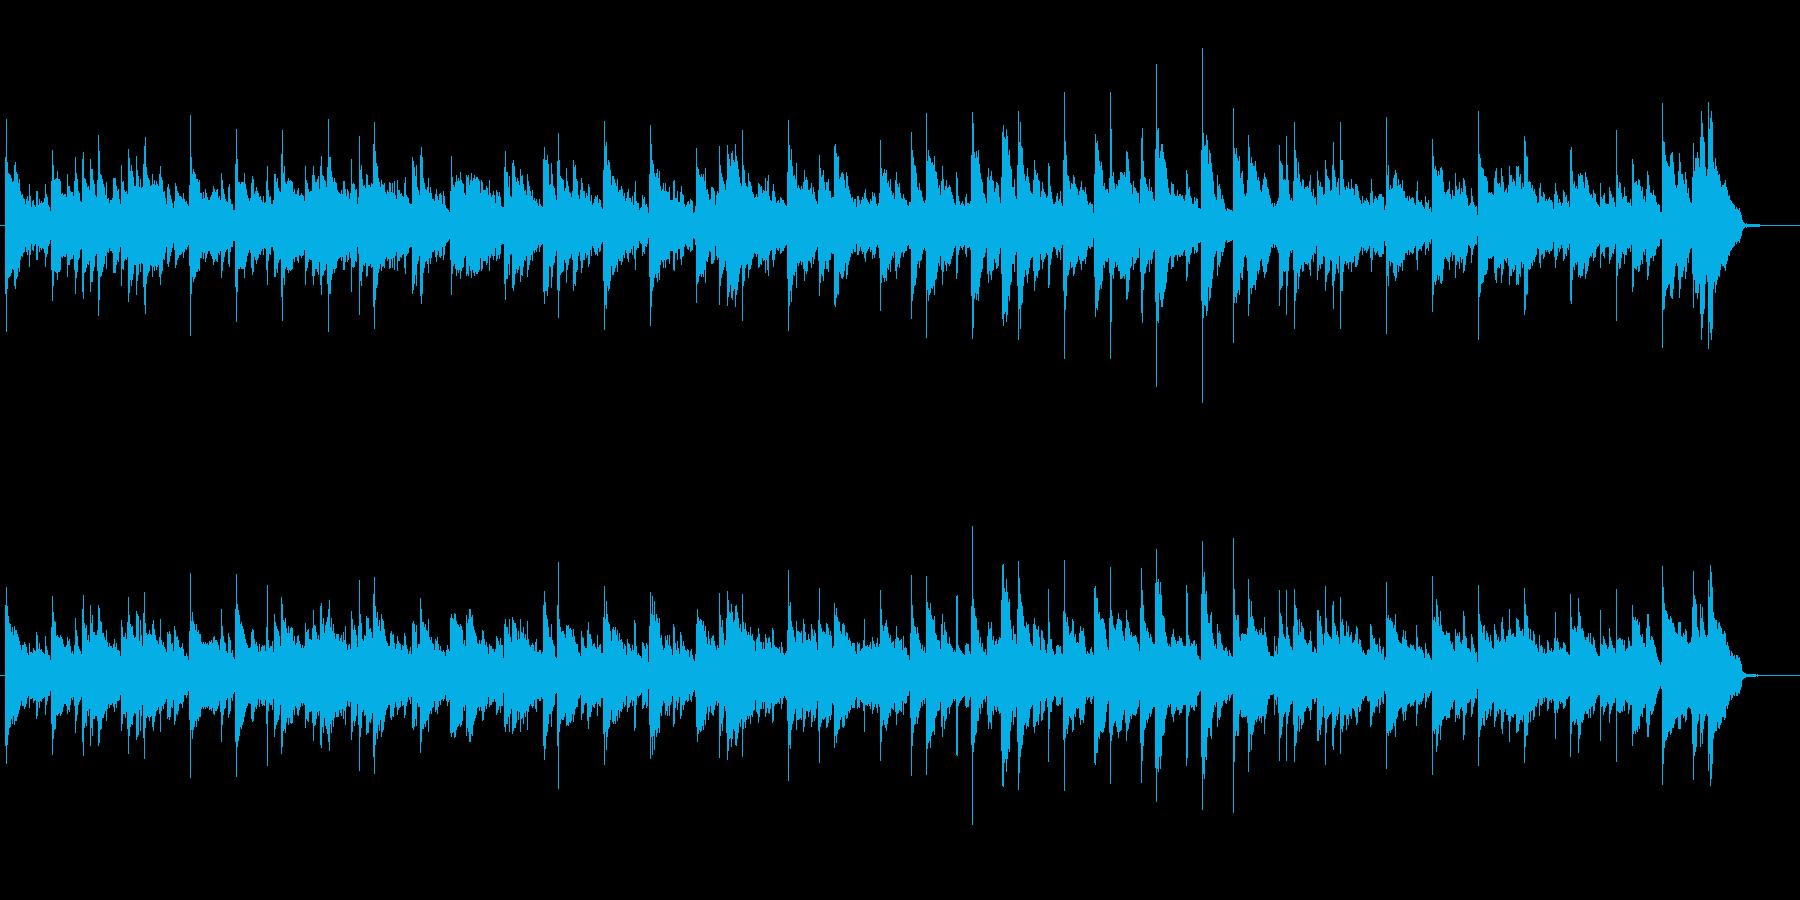 落ち着いたアンビエントBGMの再生済みの波形